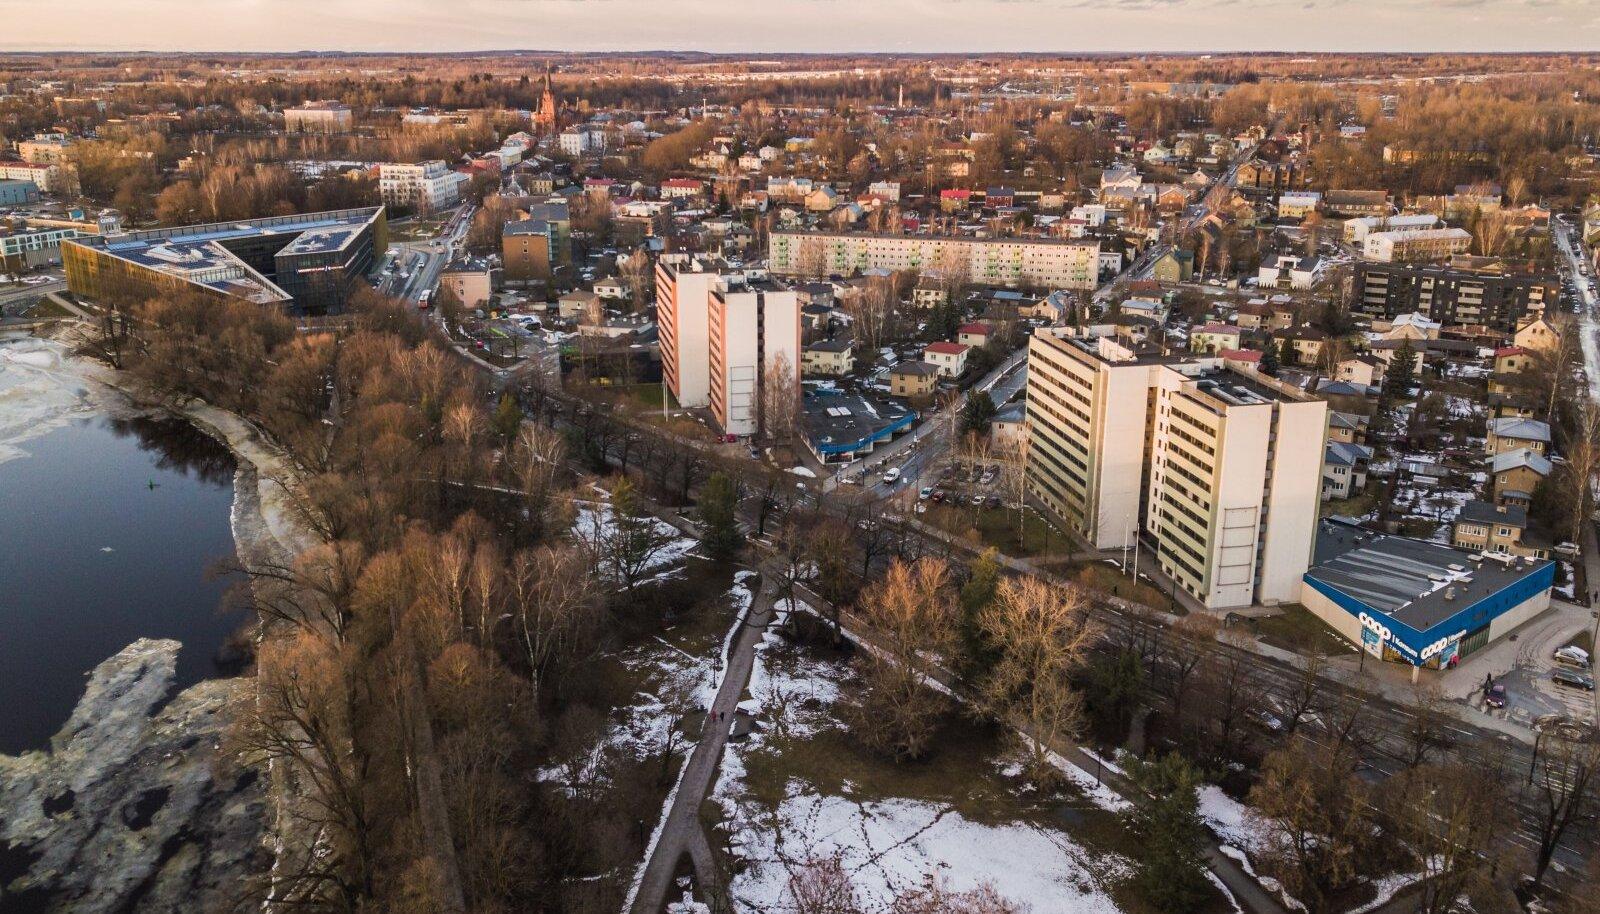 KÜLM JA KÕLE KOHT: Aasta keskmine õhutemperatuur Tartus on vaid 6,4 kraadi ja elektriautode sõiduulatusele mõjub see väga halvasti.